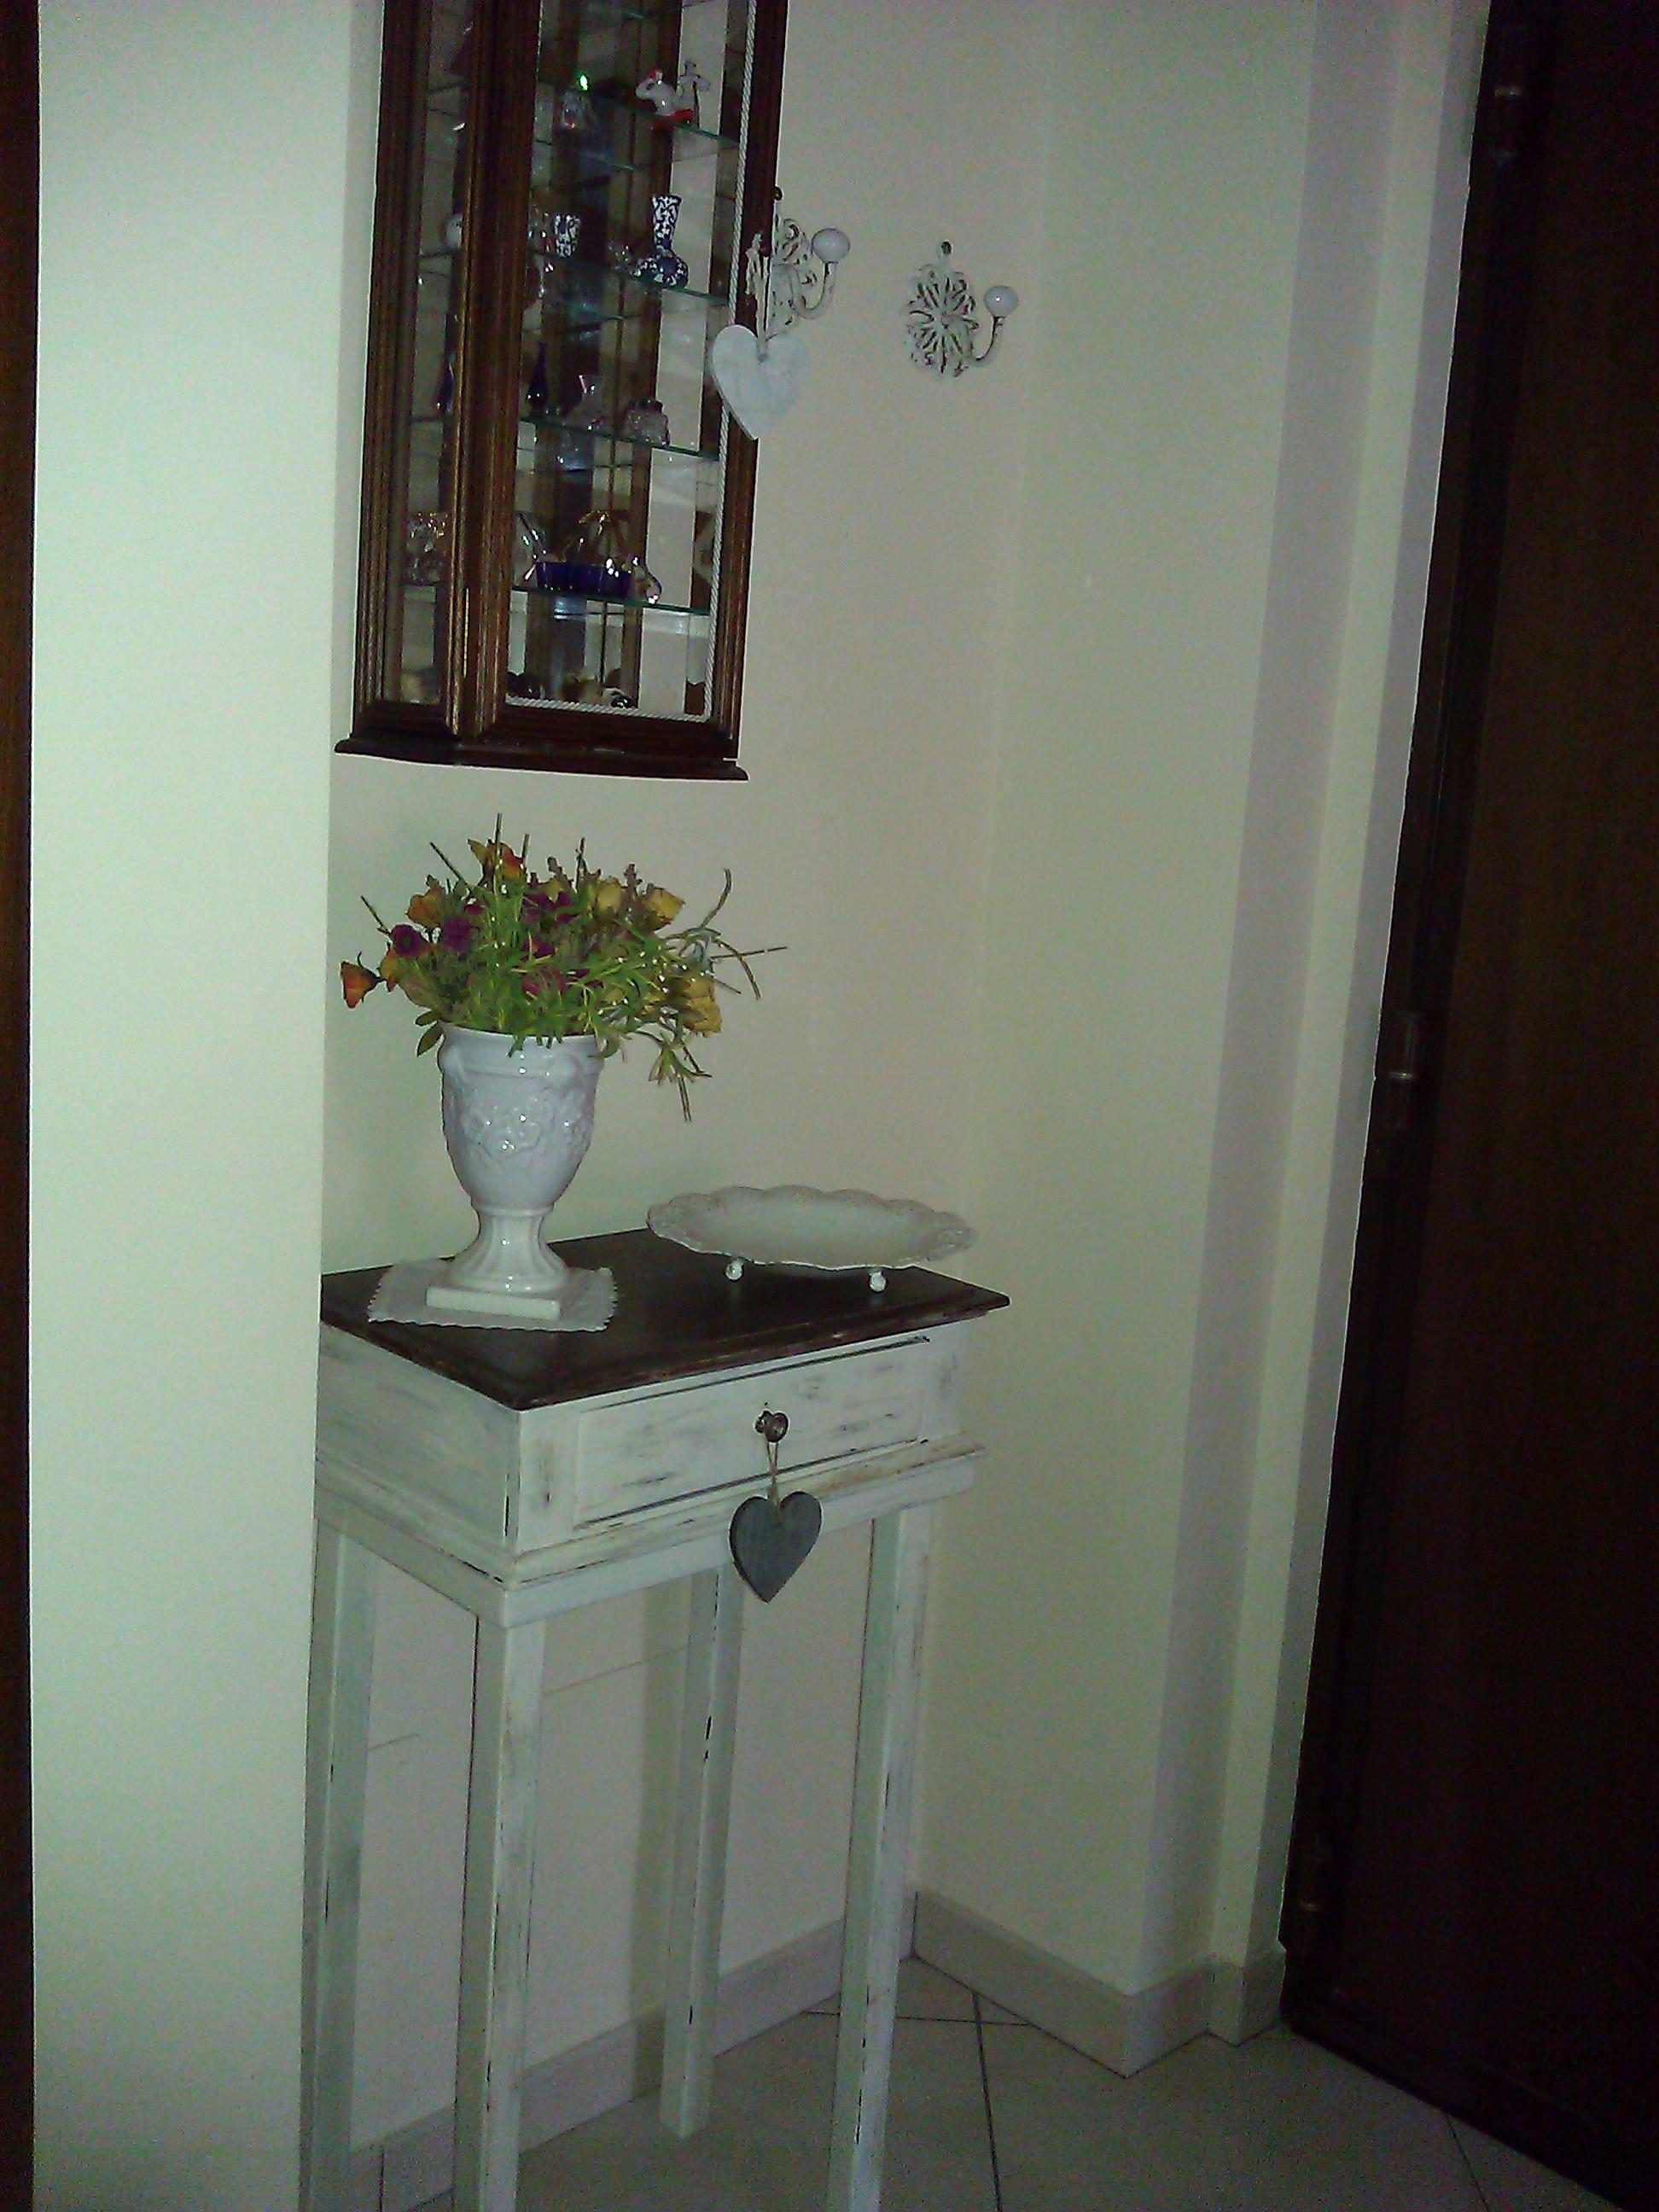 Piccolo Tavolinetto in stile Shabby Chic